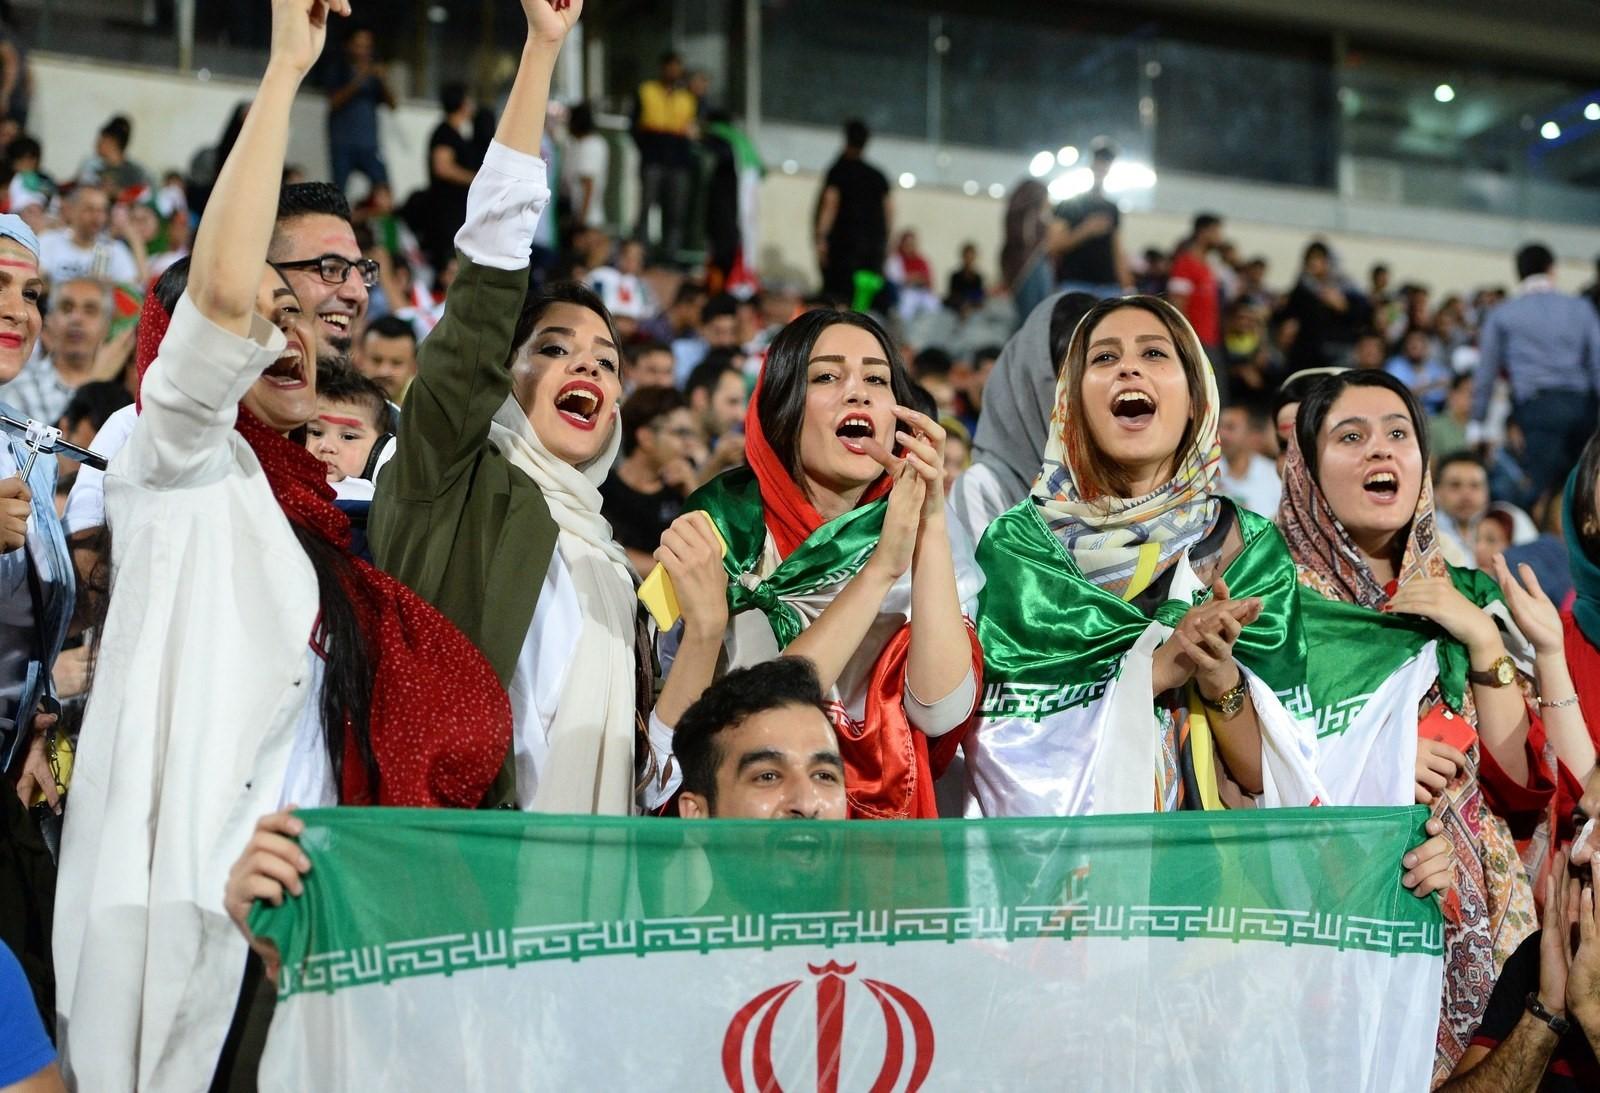 فوری  اتحادیه فوتبال اروپا، بازی در ورزشگاههای ایران را تحریم کرد!